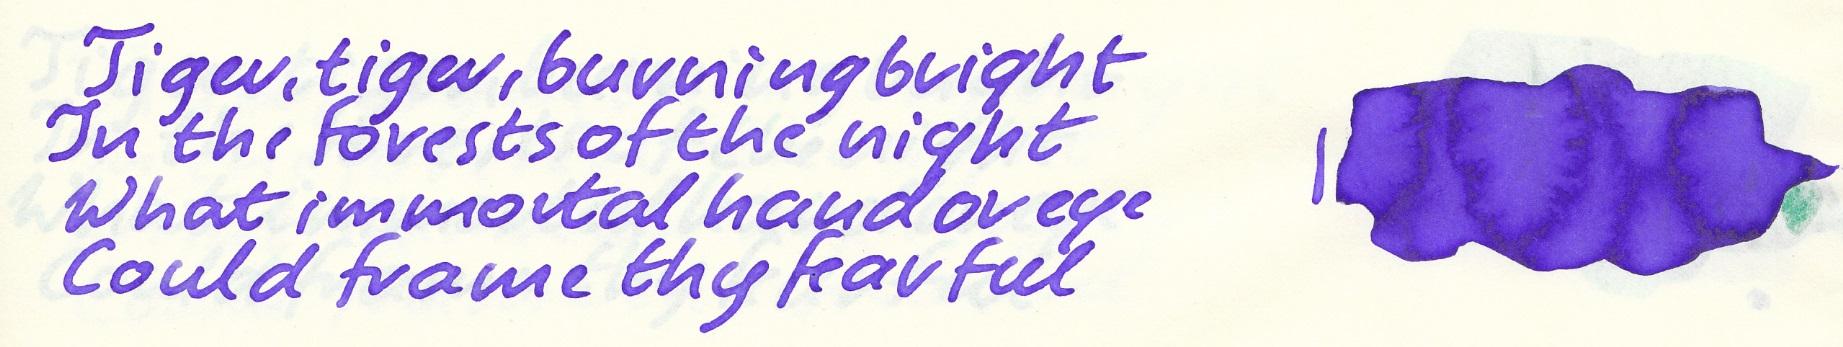 fpn_1458767322__violet_papierplume_tomoe